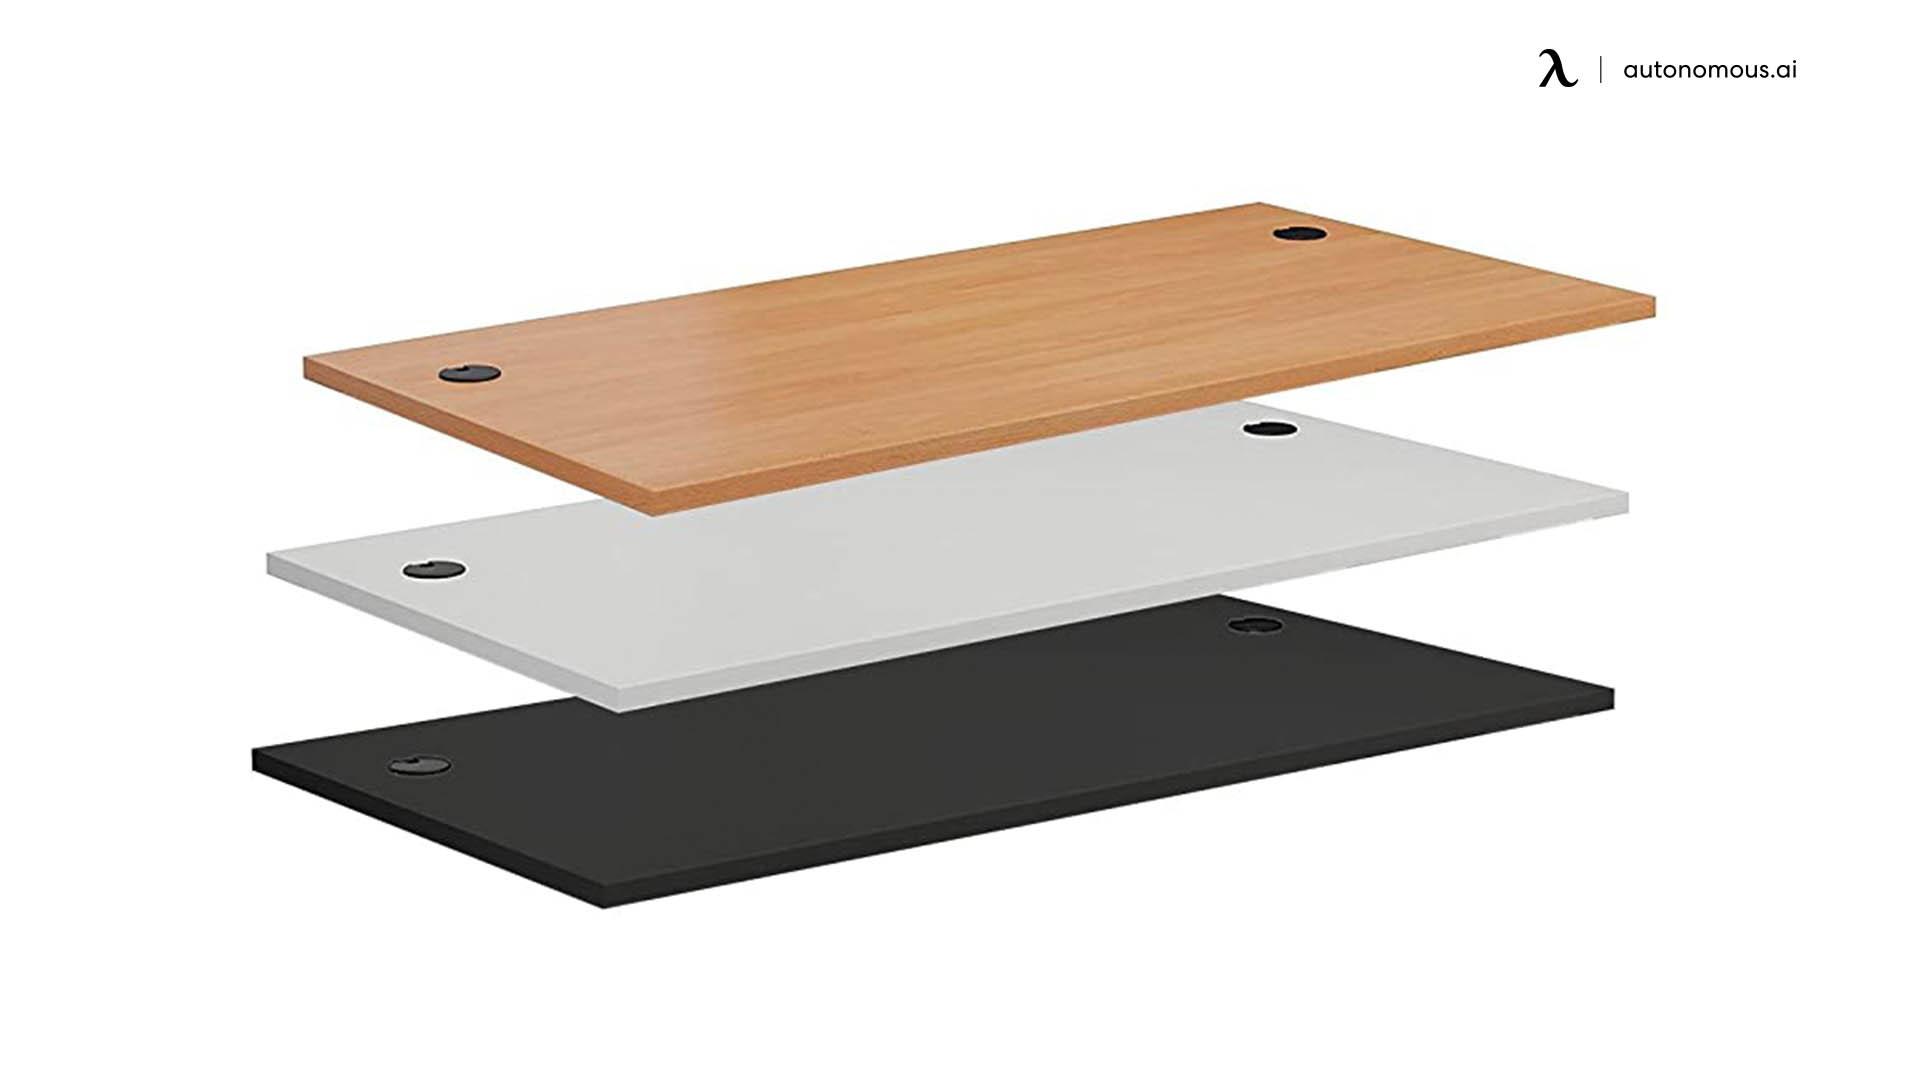 MFC Desk Top